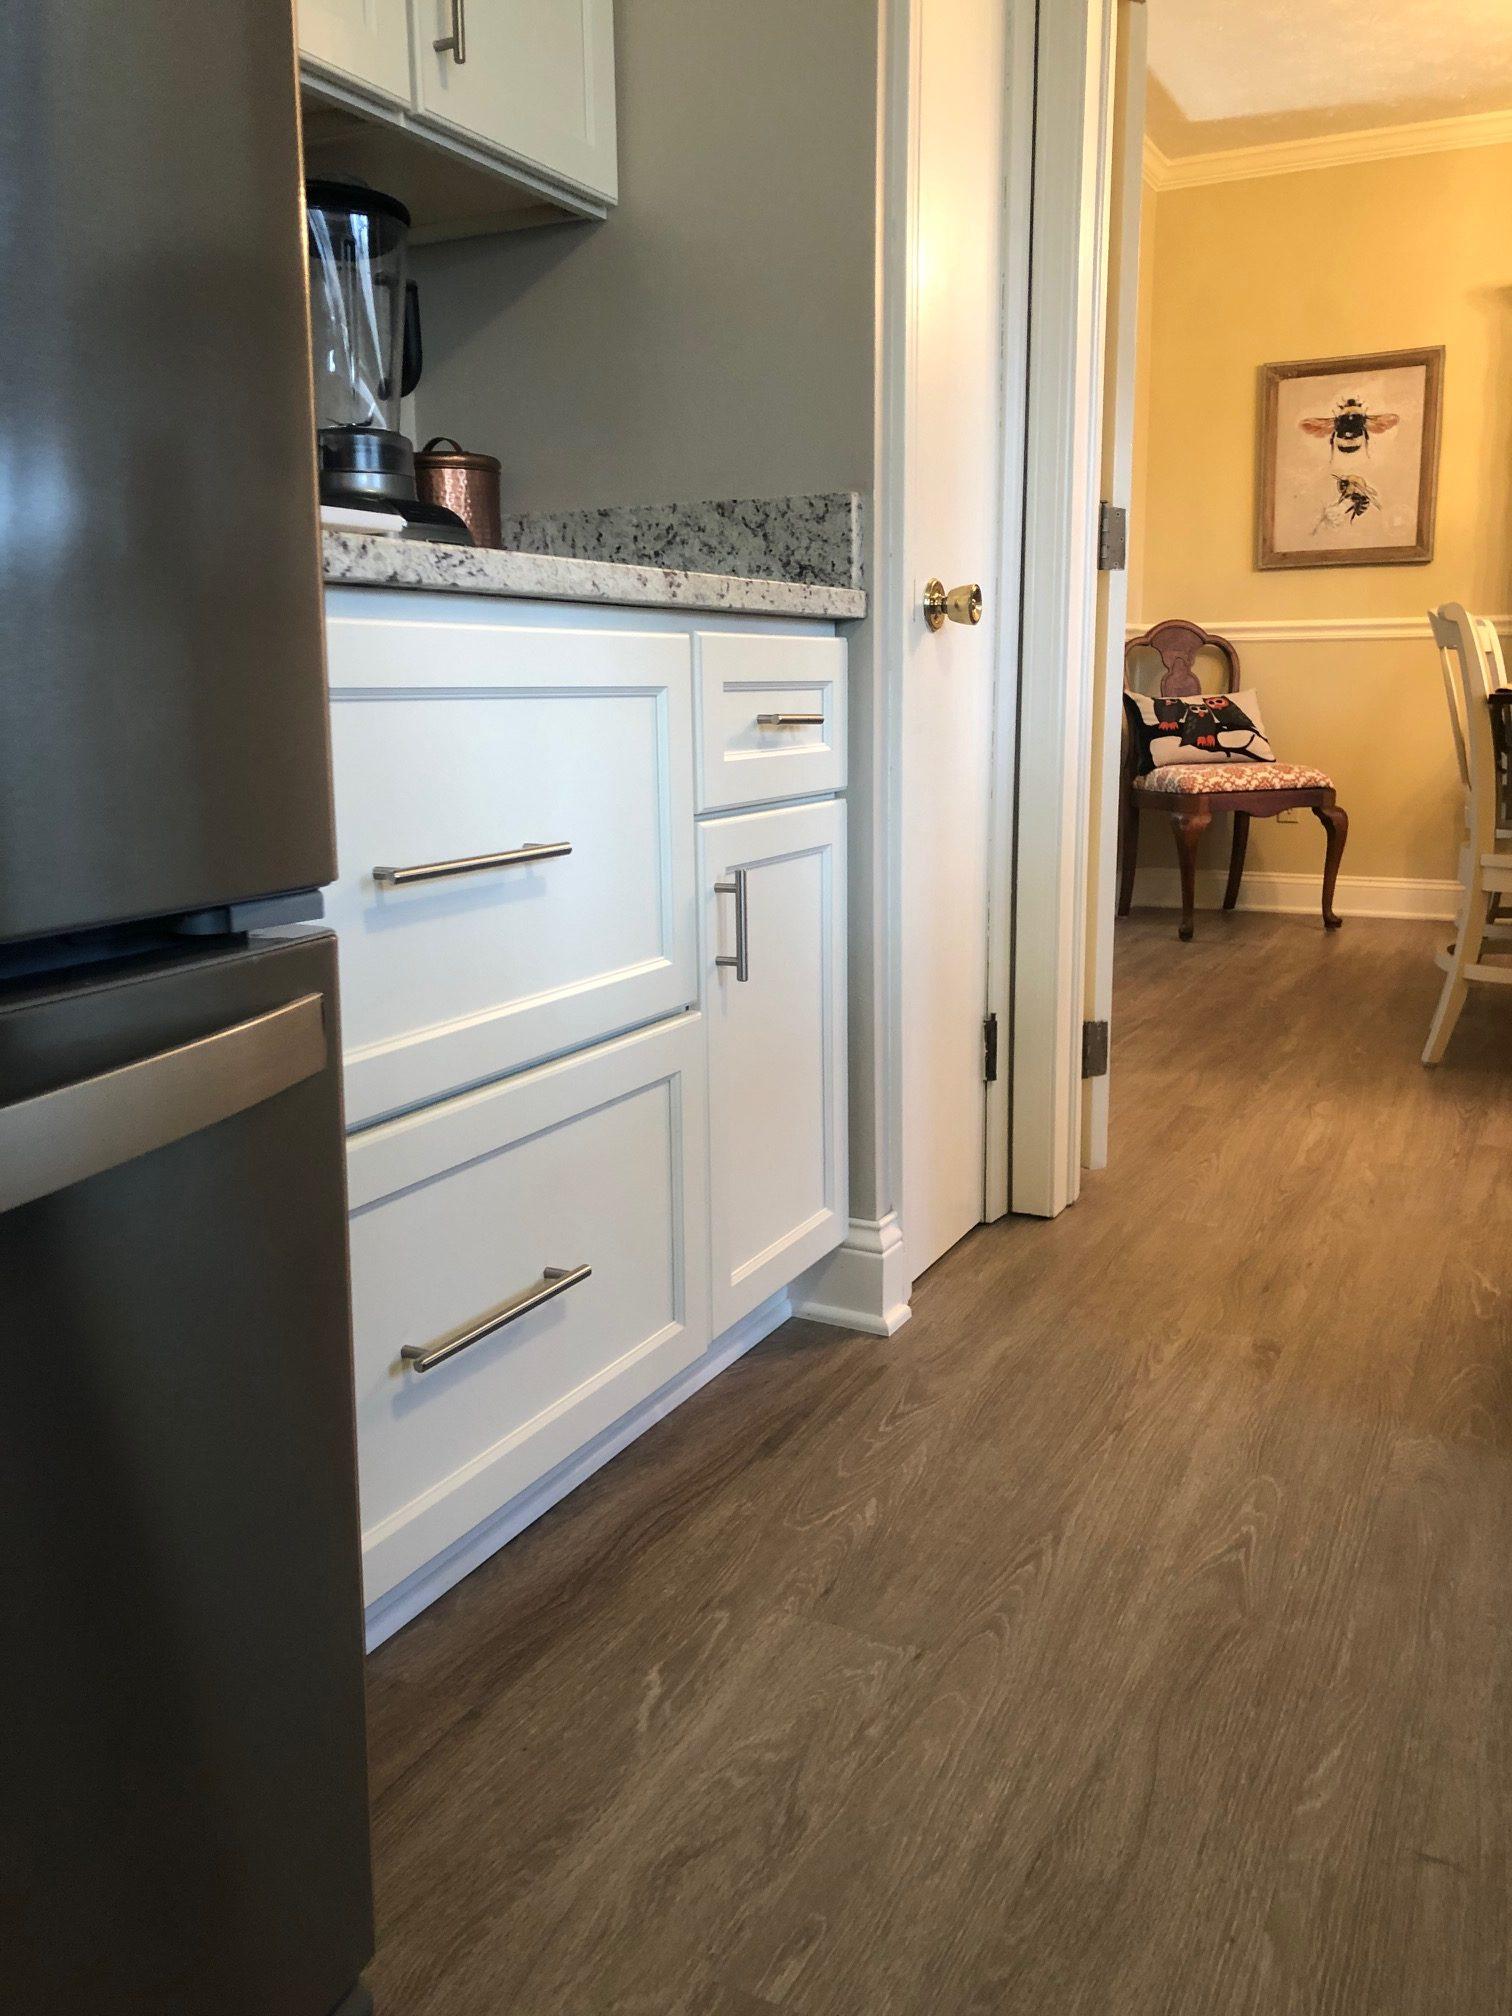 LVP flooring installation